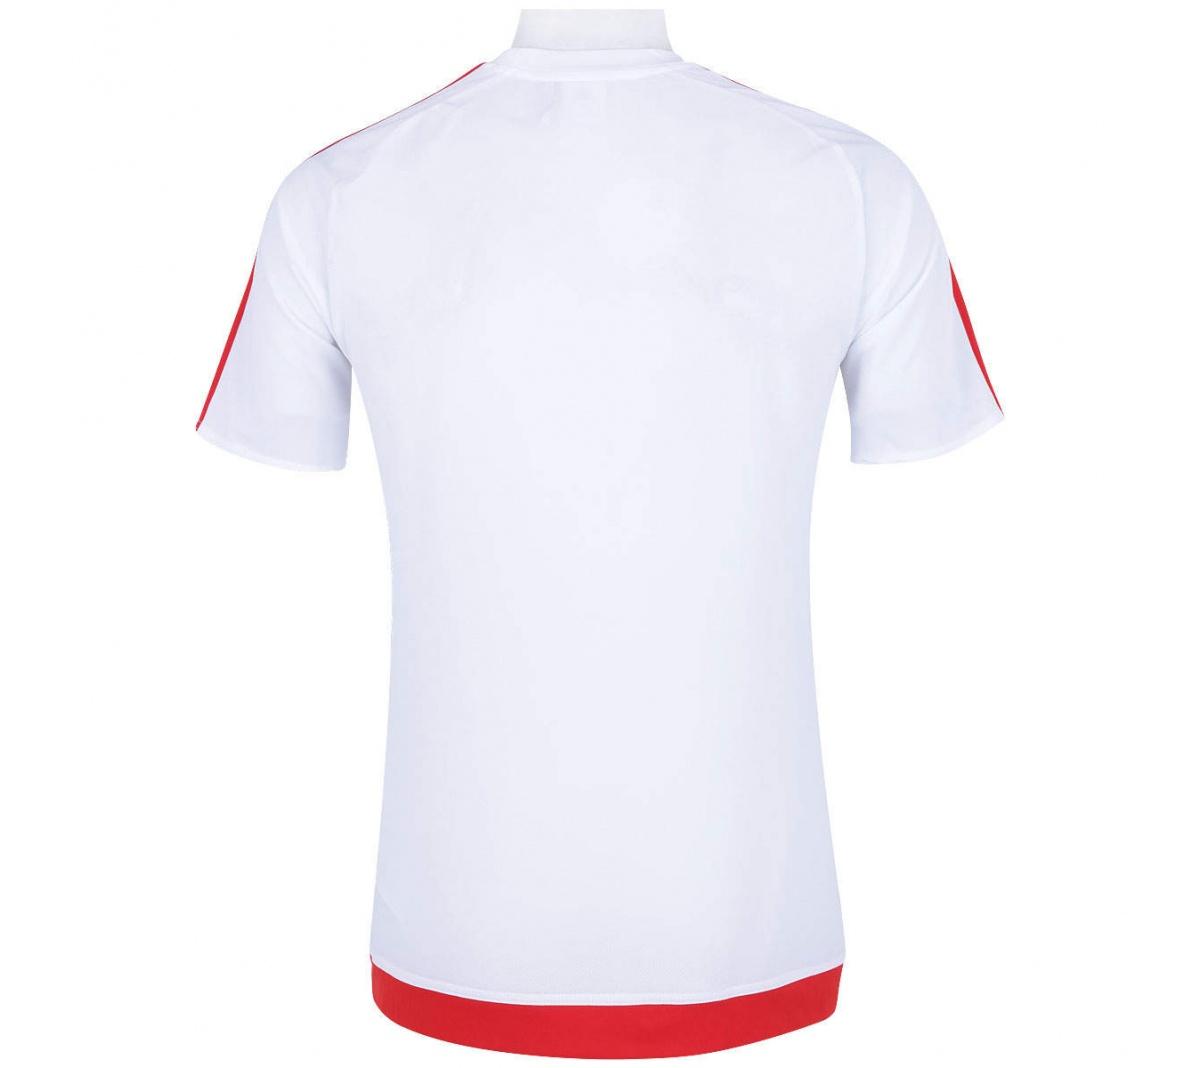 ff63d7d97f ... Camisa Adidas Estro 15 Branco Vermelho - Mundo do Futebol  79e8dfb77b919d ...